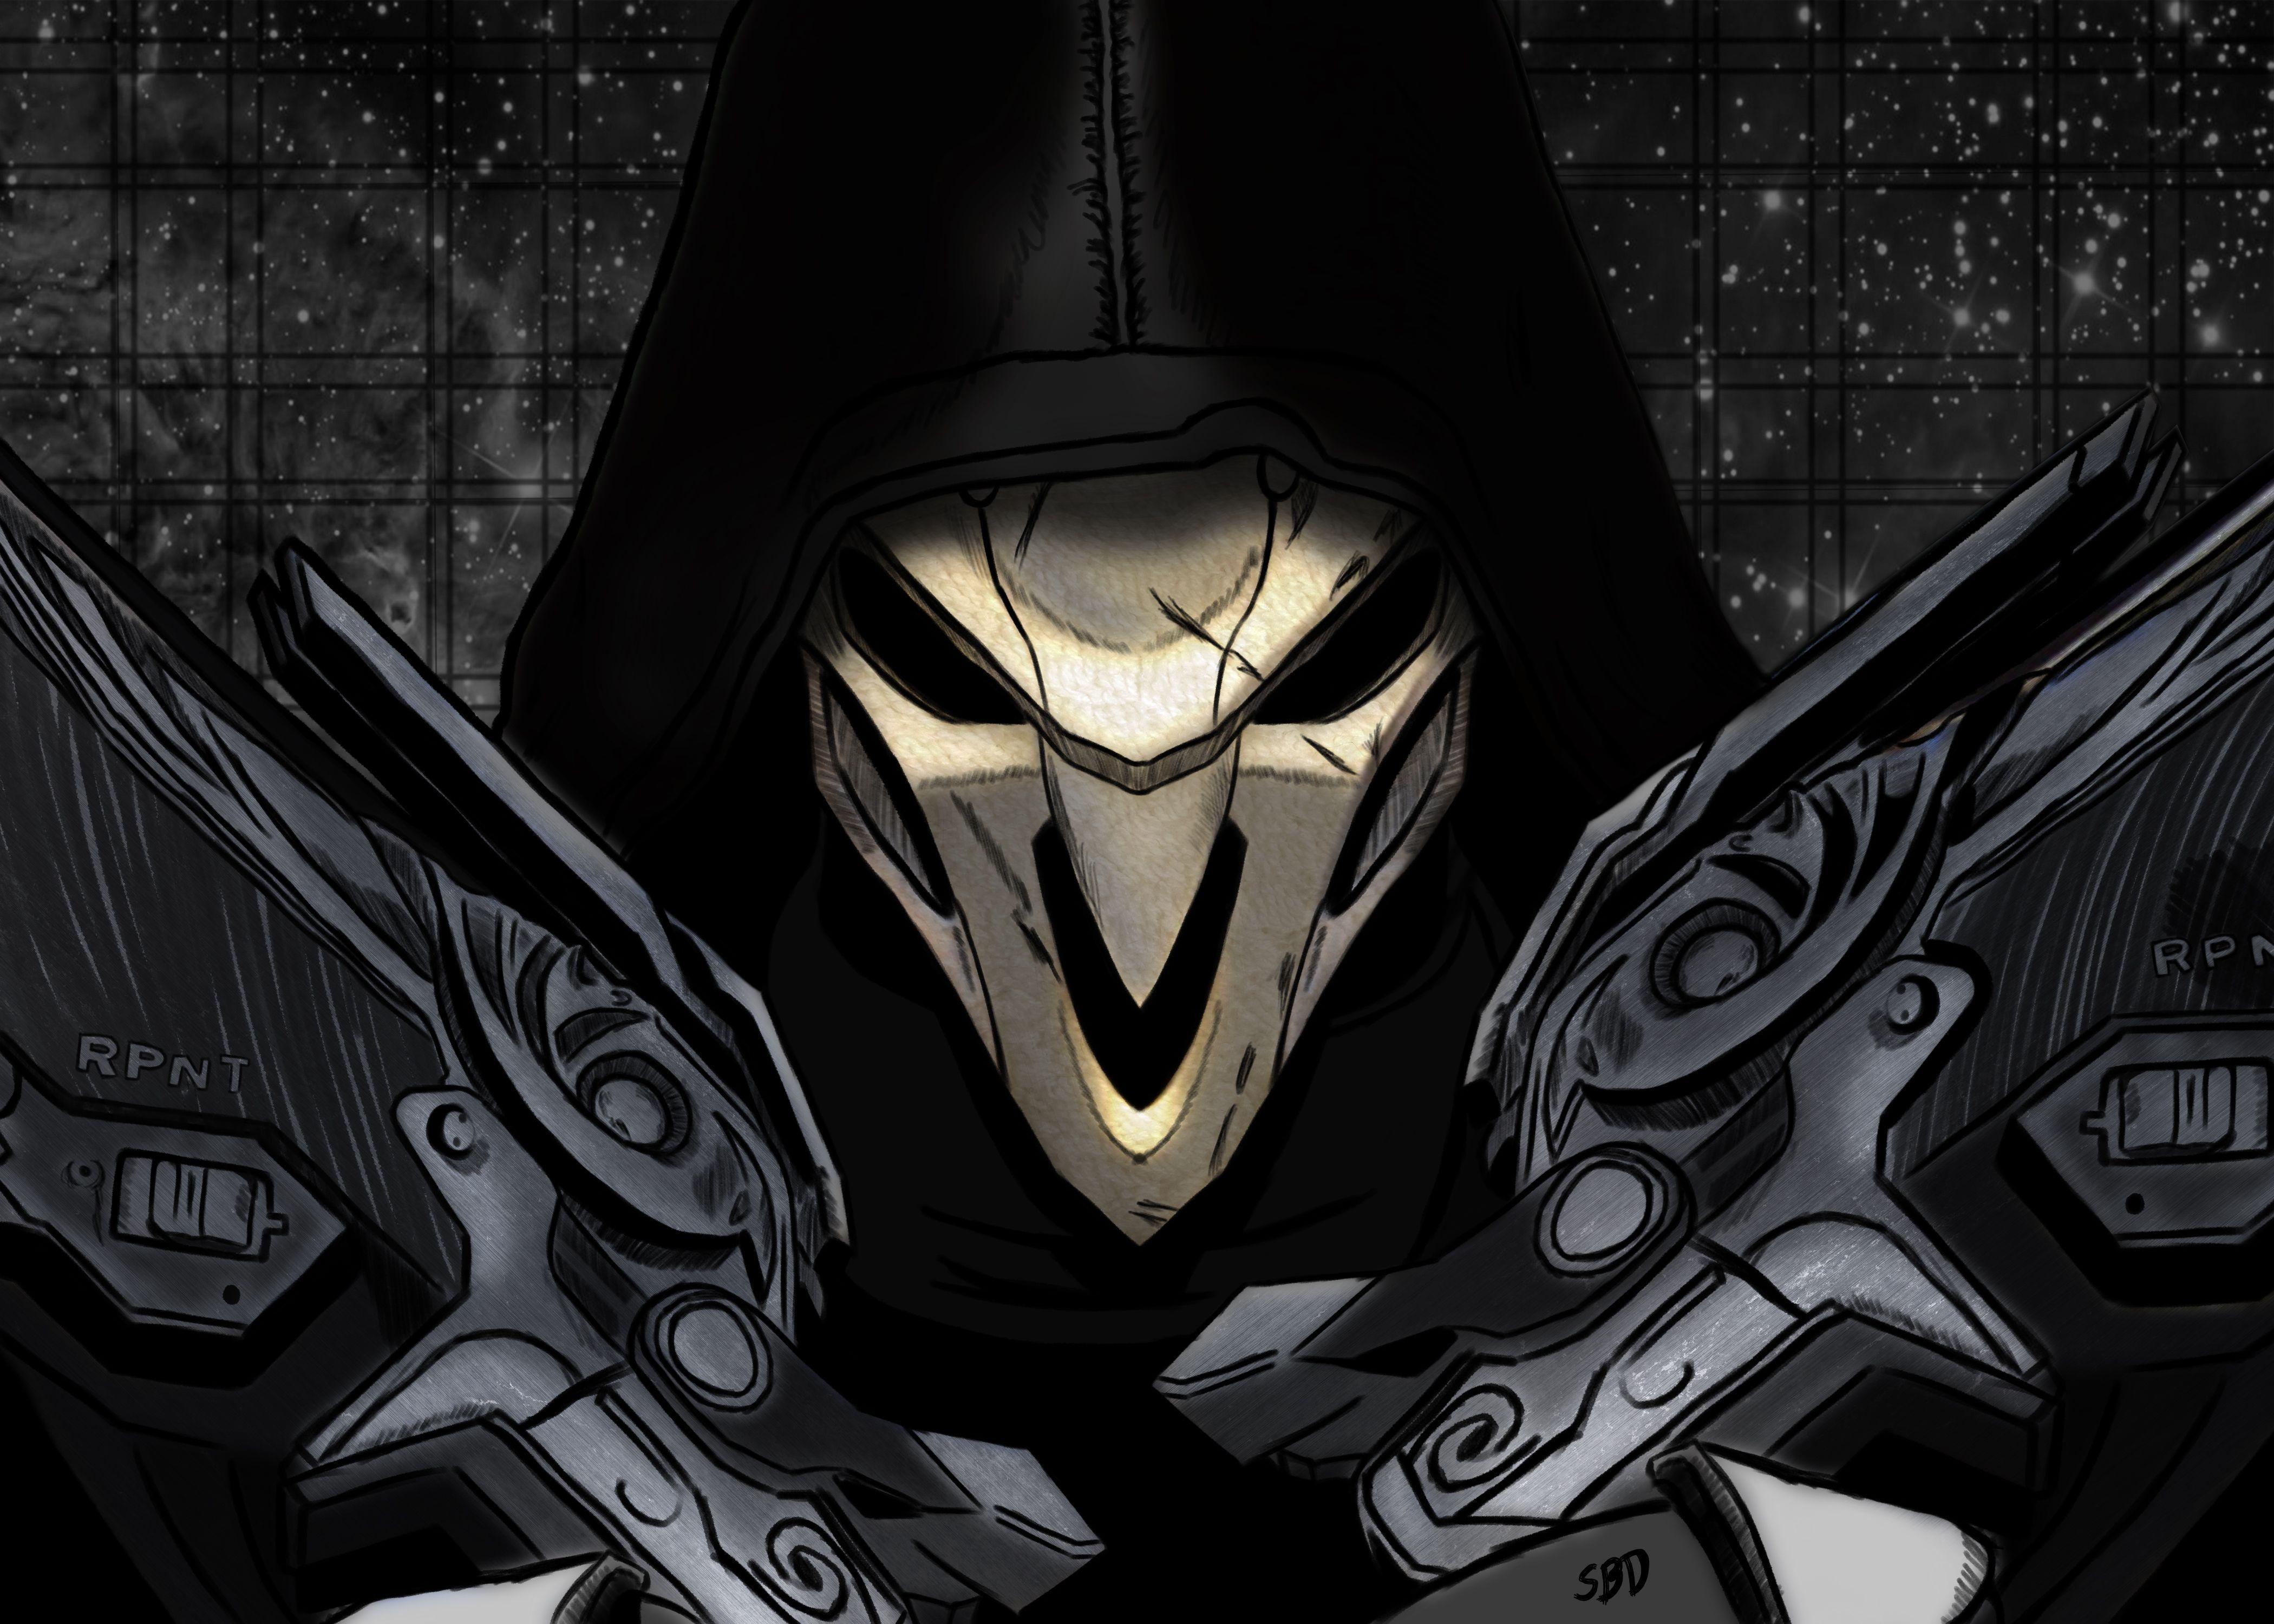 Reaper Overwatch Wallpapers - Wallpaper Cave